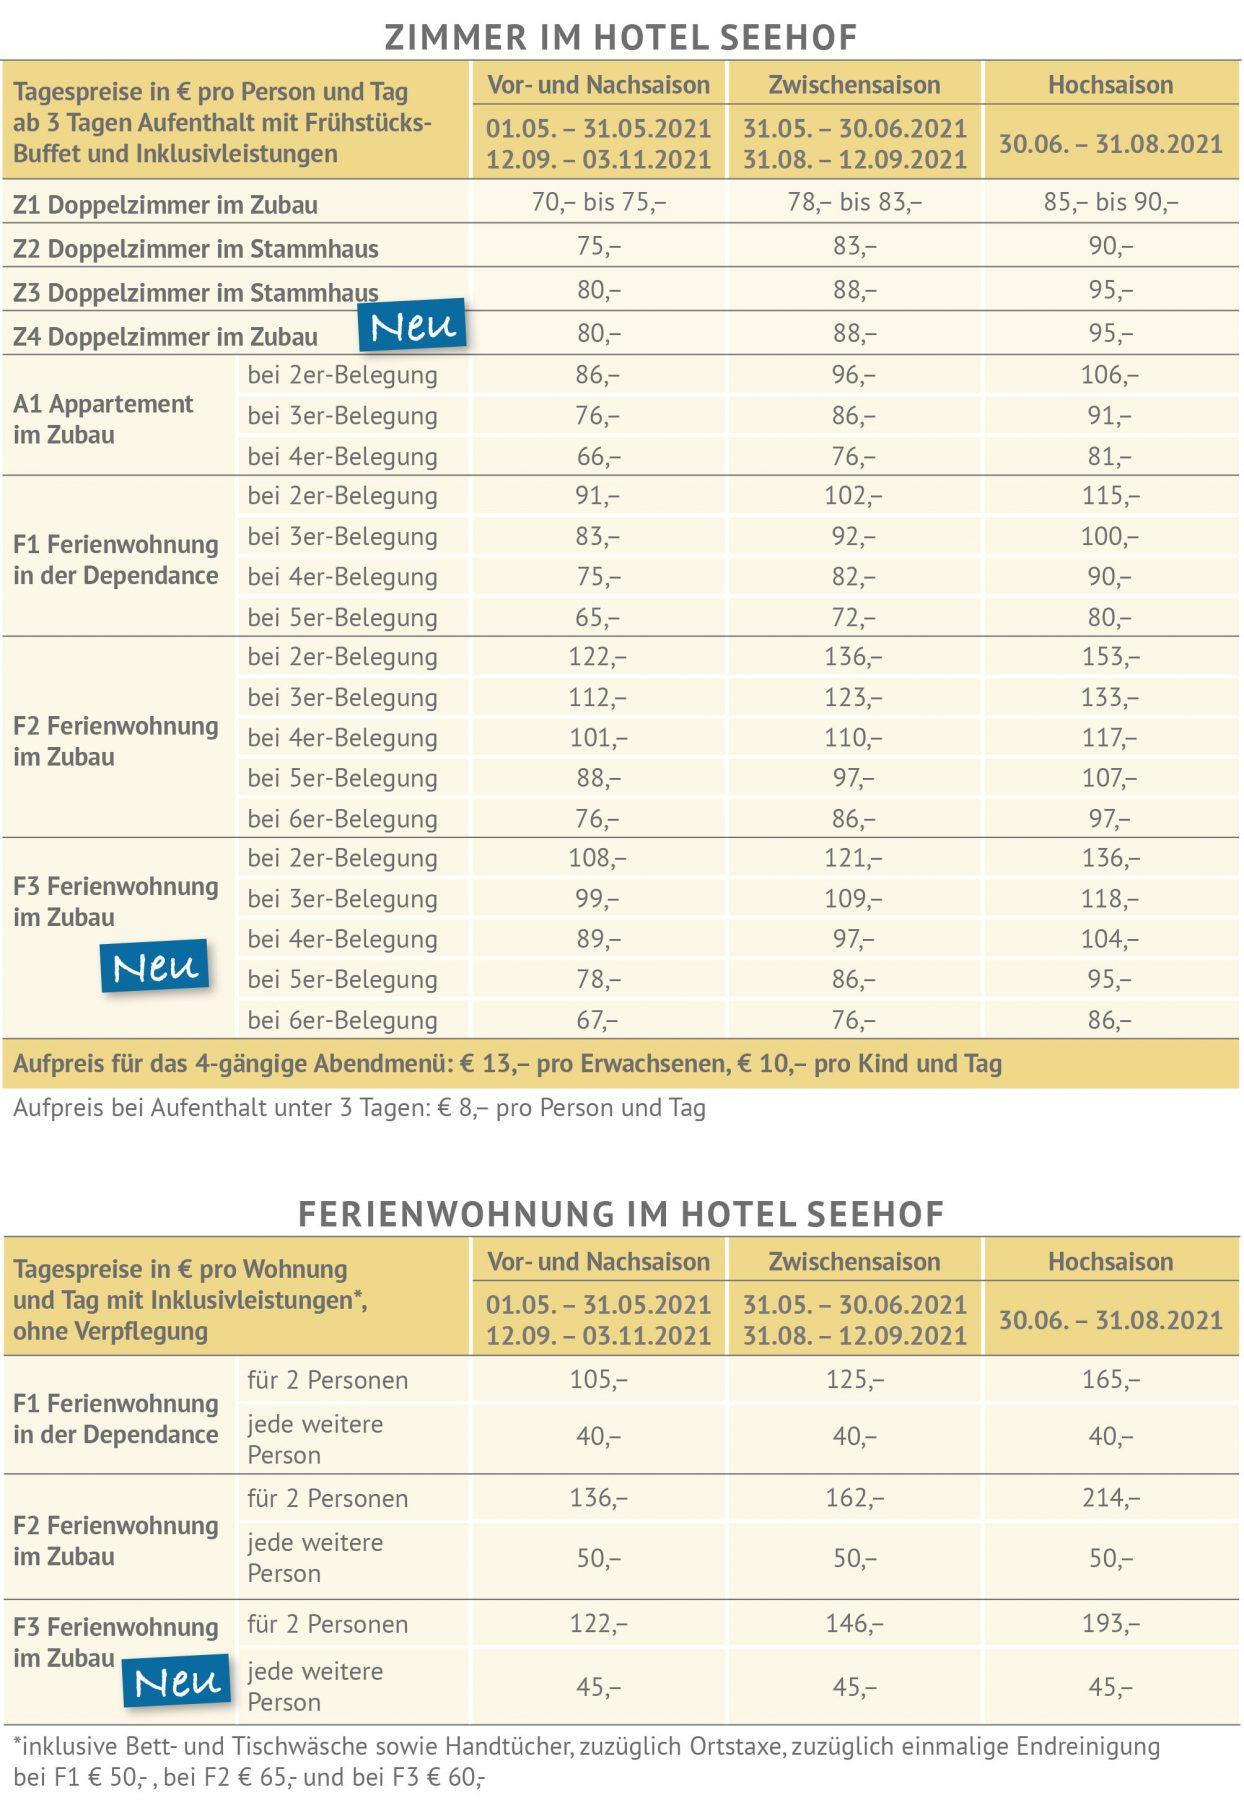 Tagespreise 2021 Hotel Seehof am Längsee